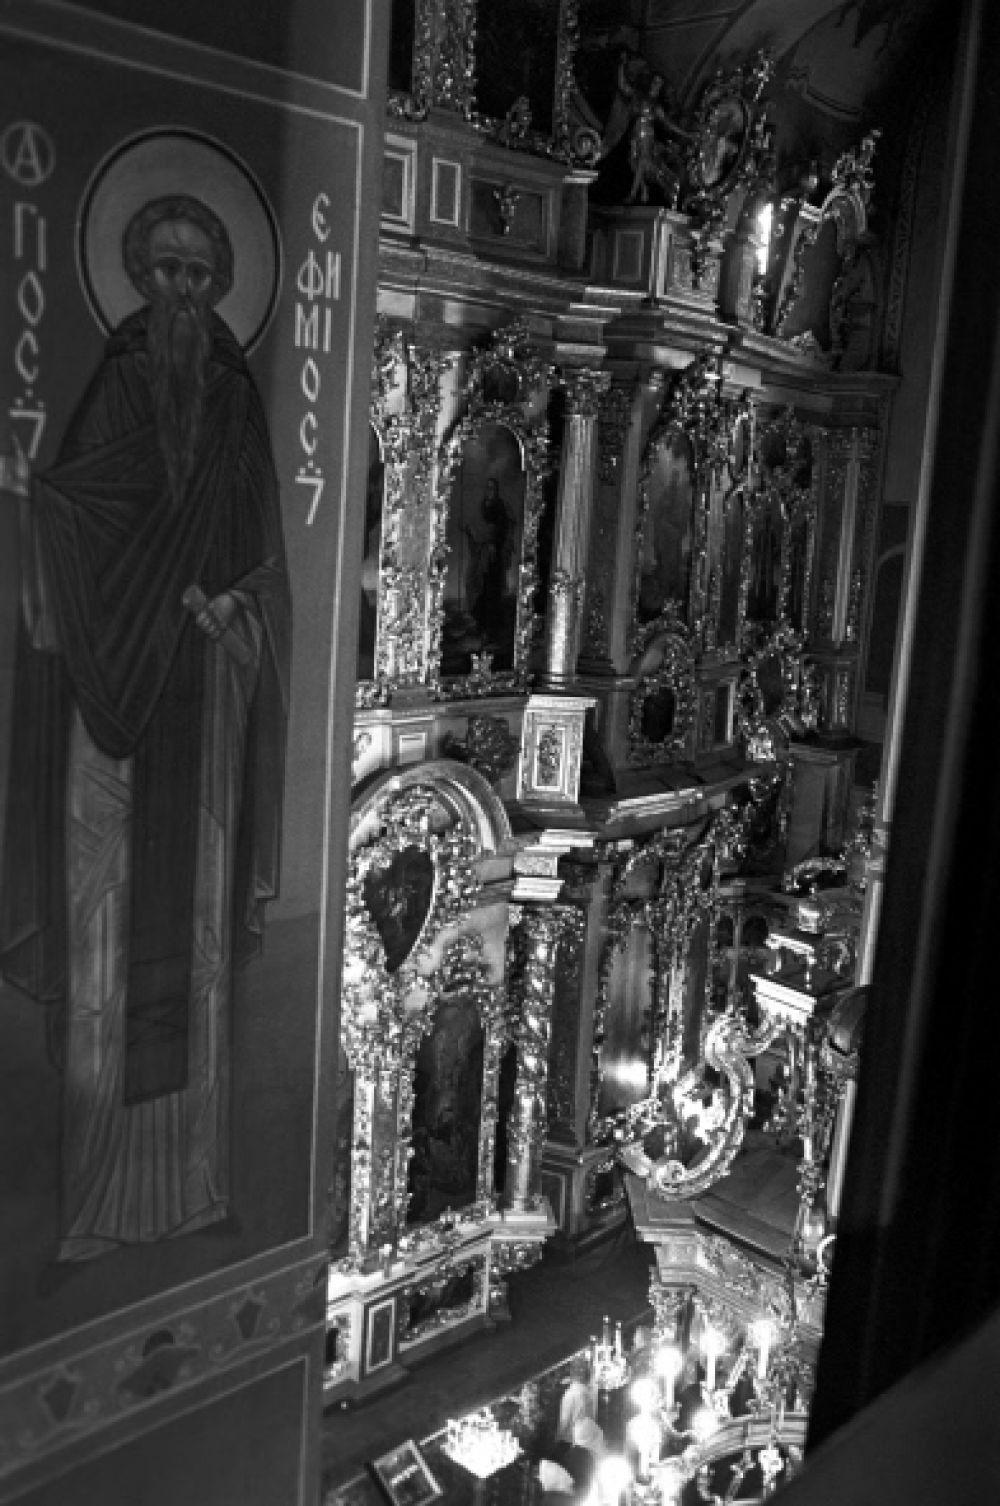 Сейчас Успенский собор включён в список объектов Всемирного наследия ЮНЕСКО.